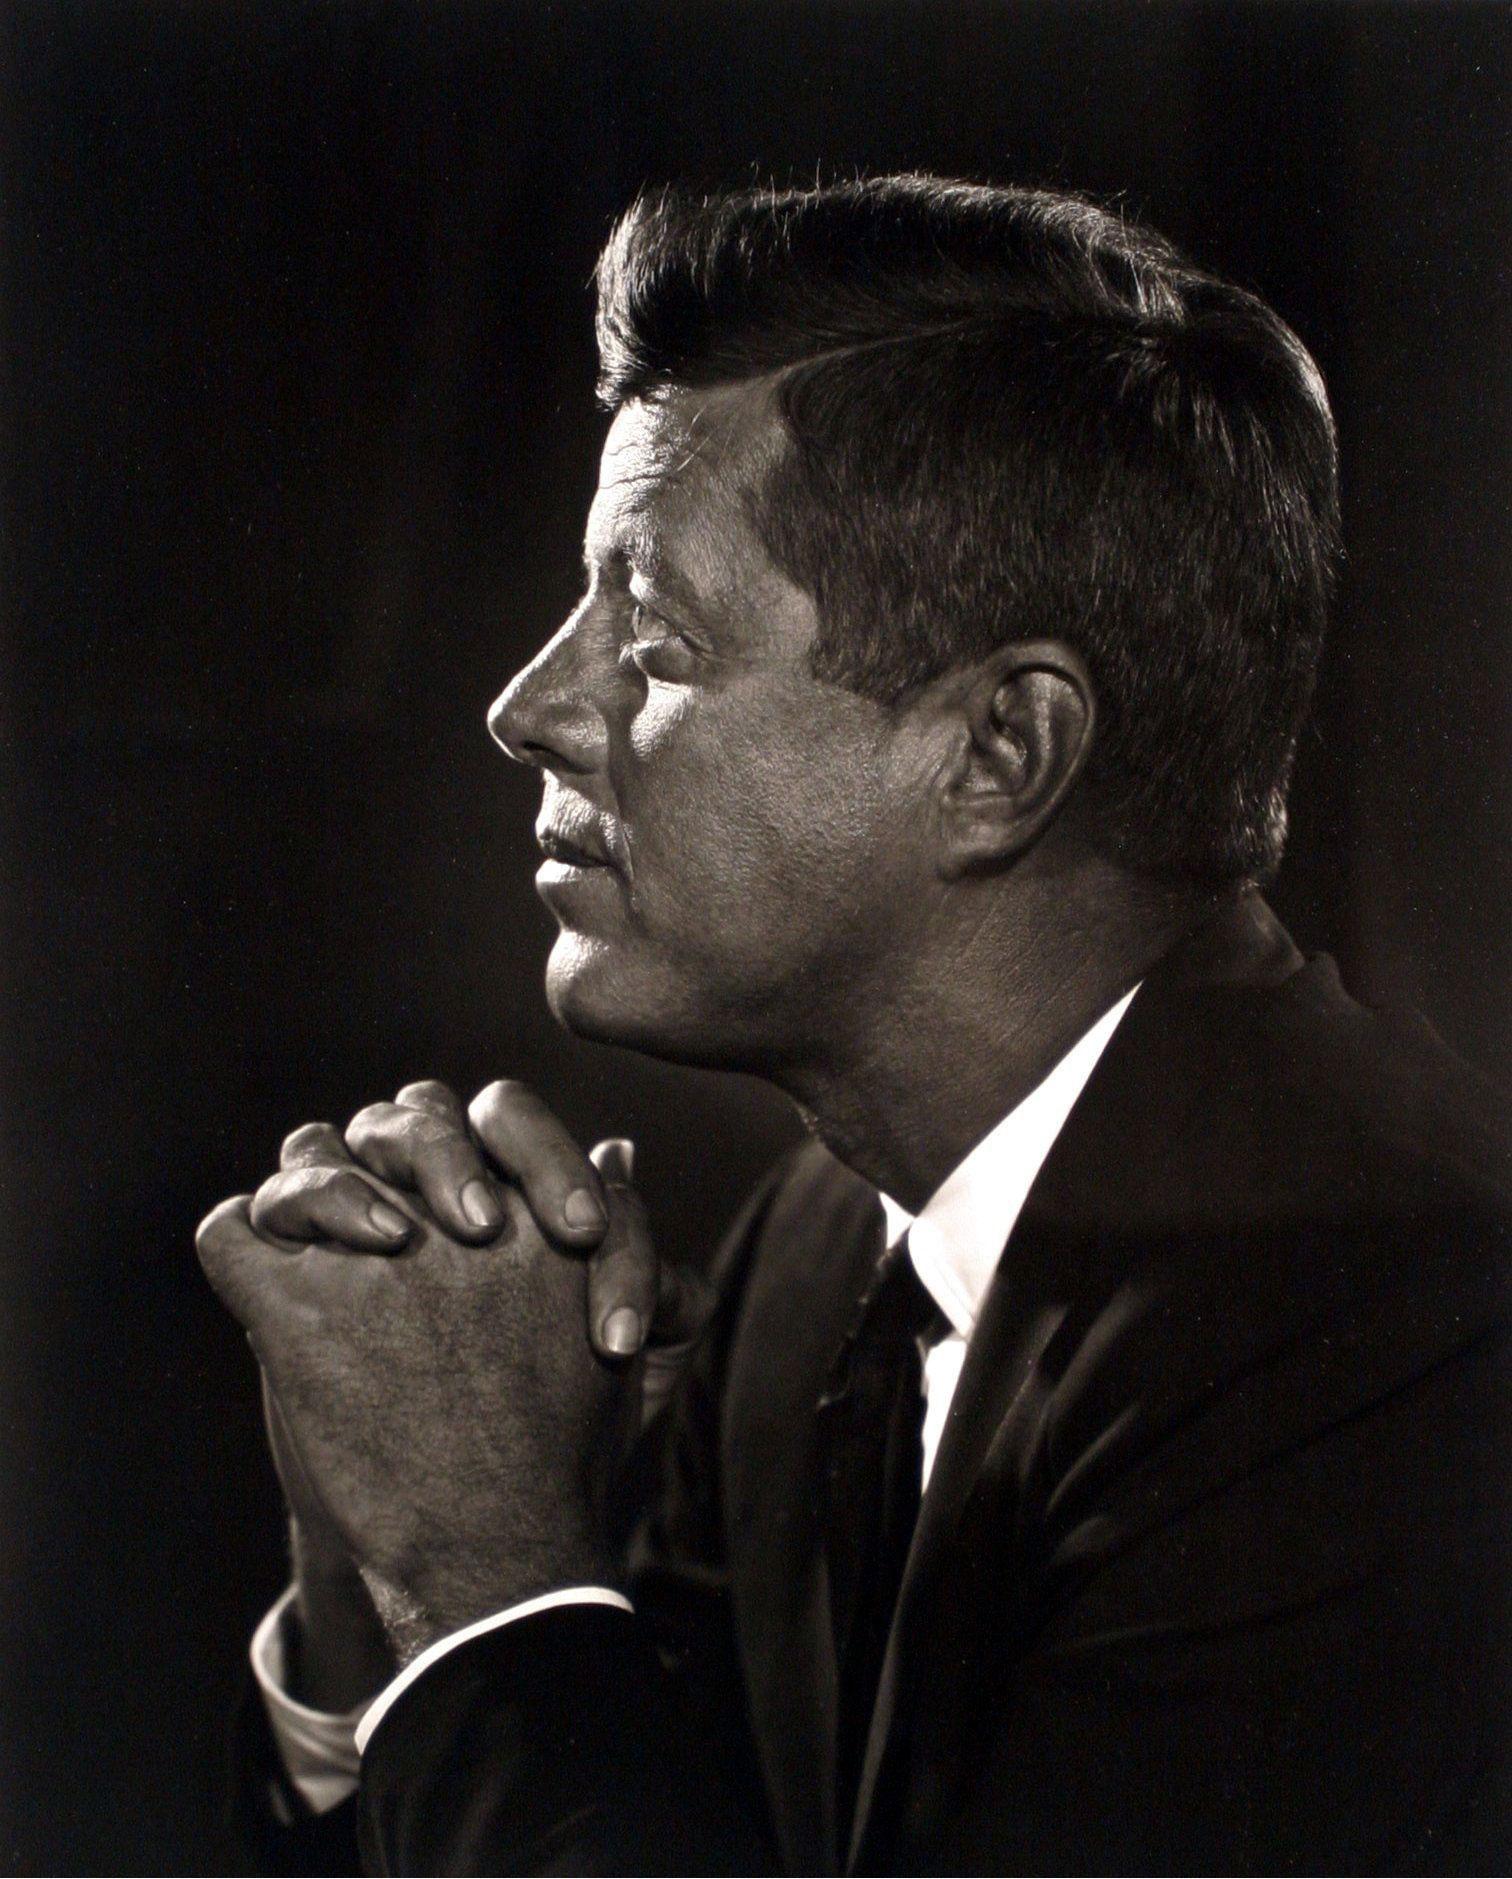 Джон Кеннеді. Портрет